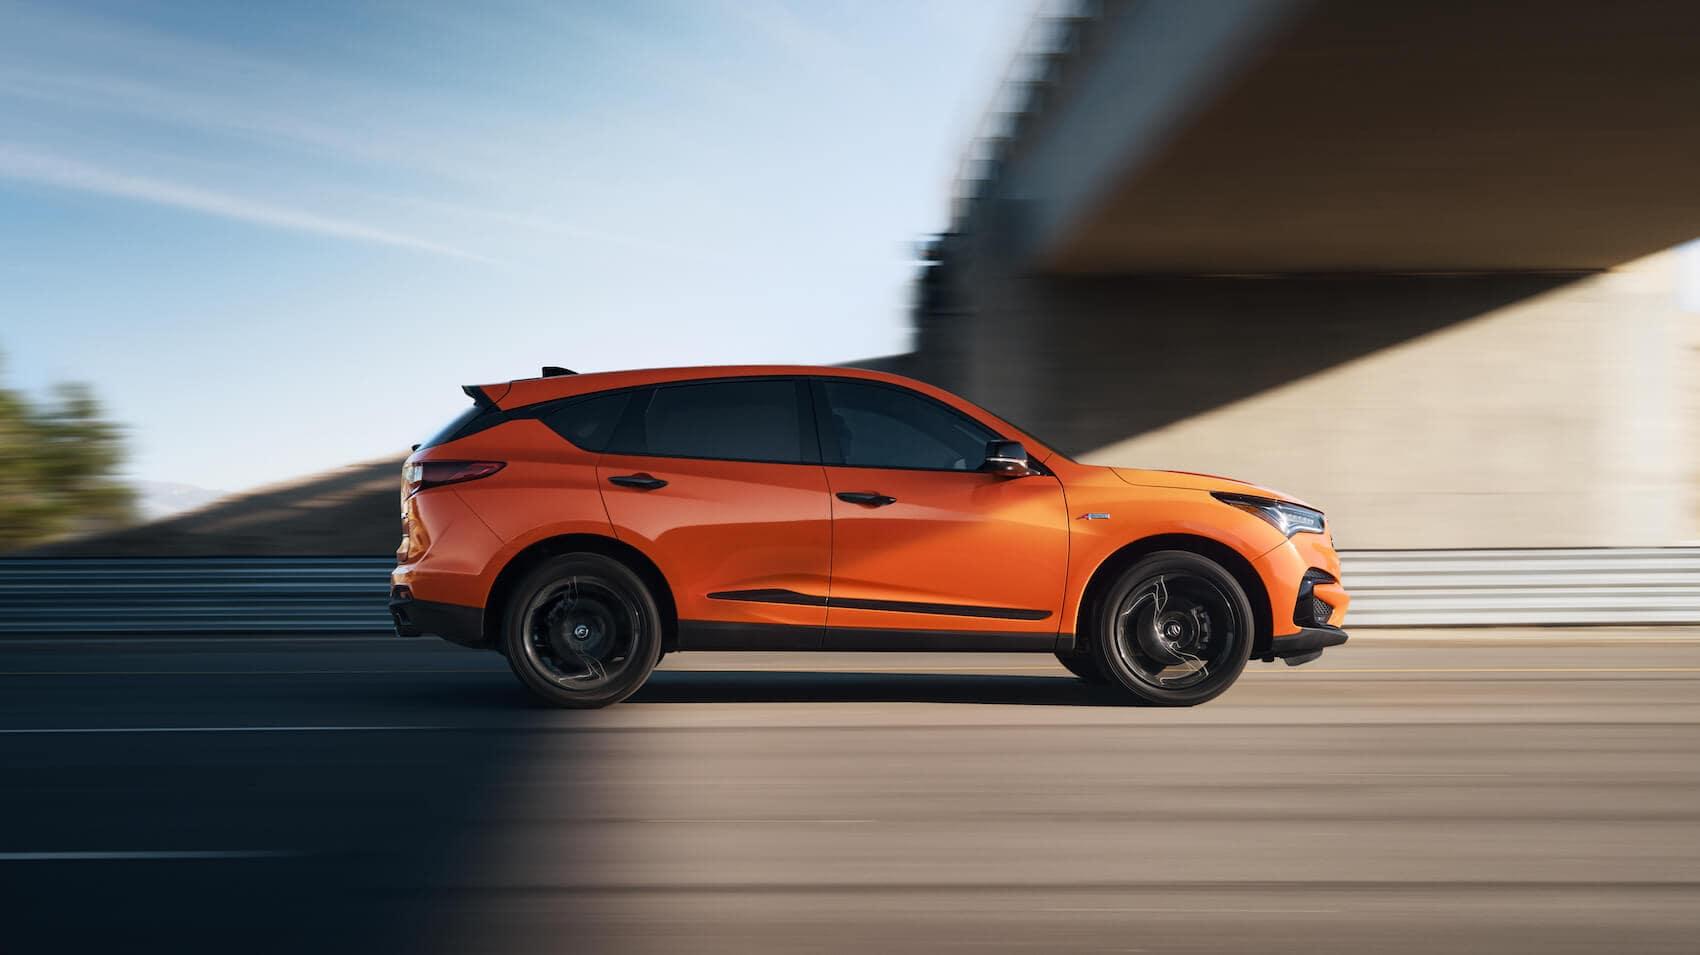 Acura RDX Orange